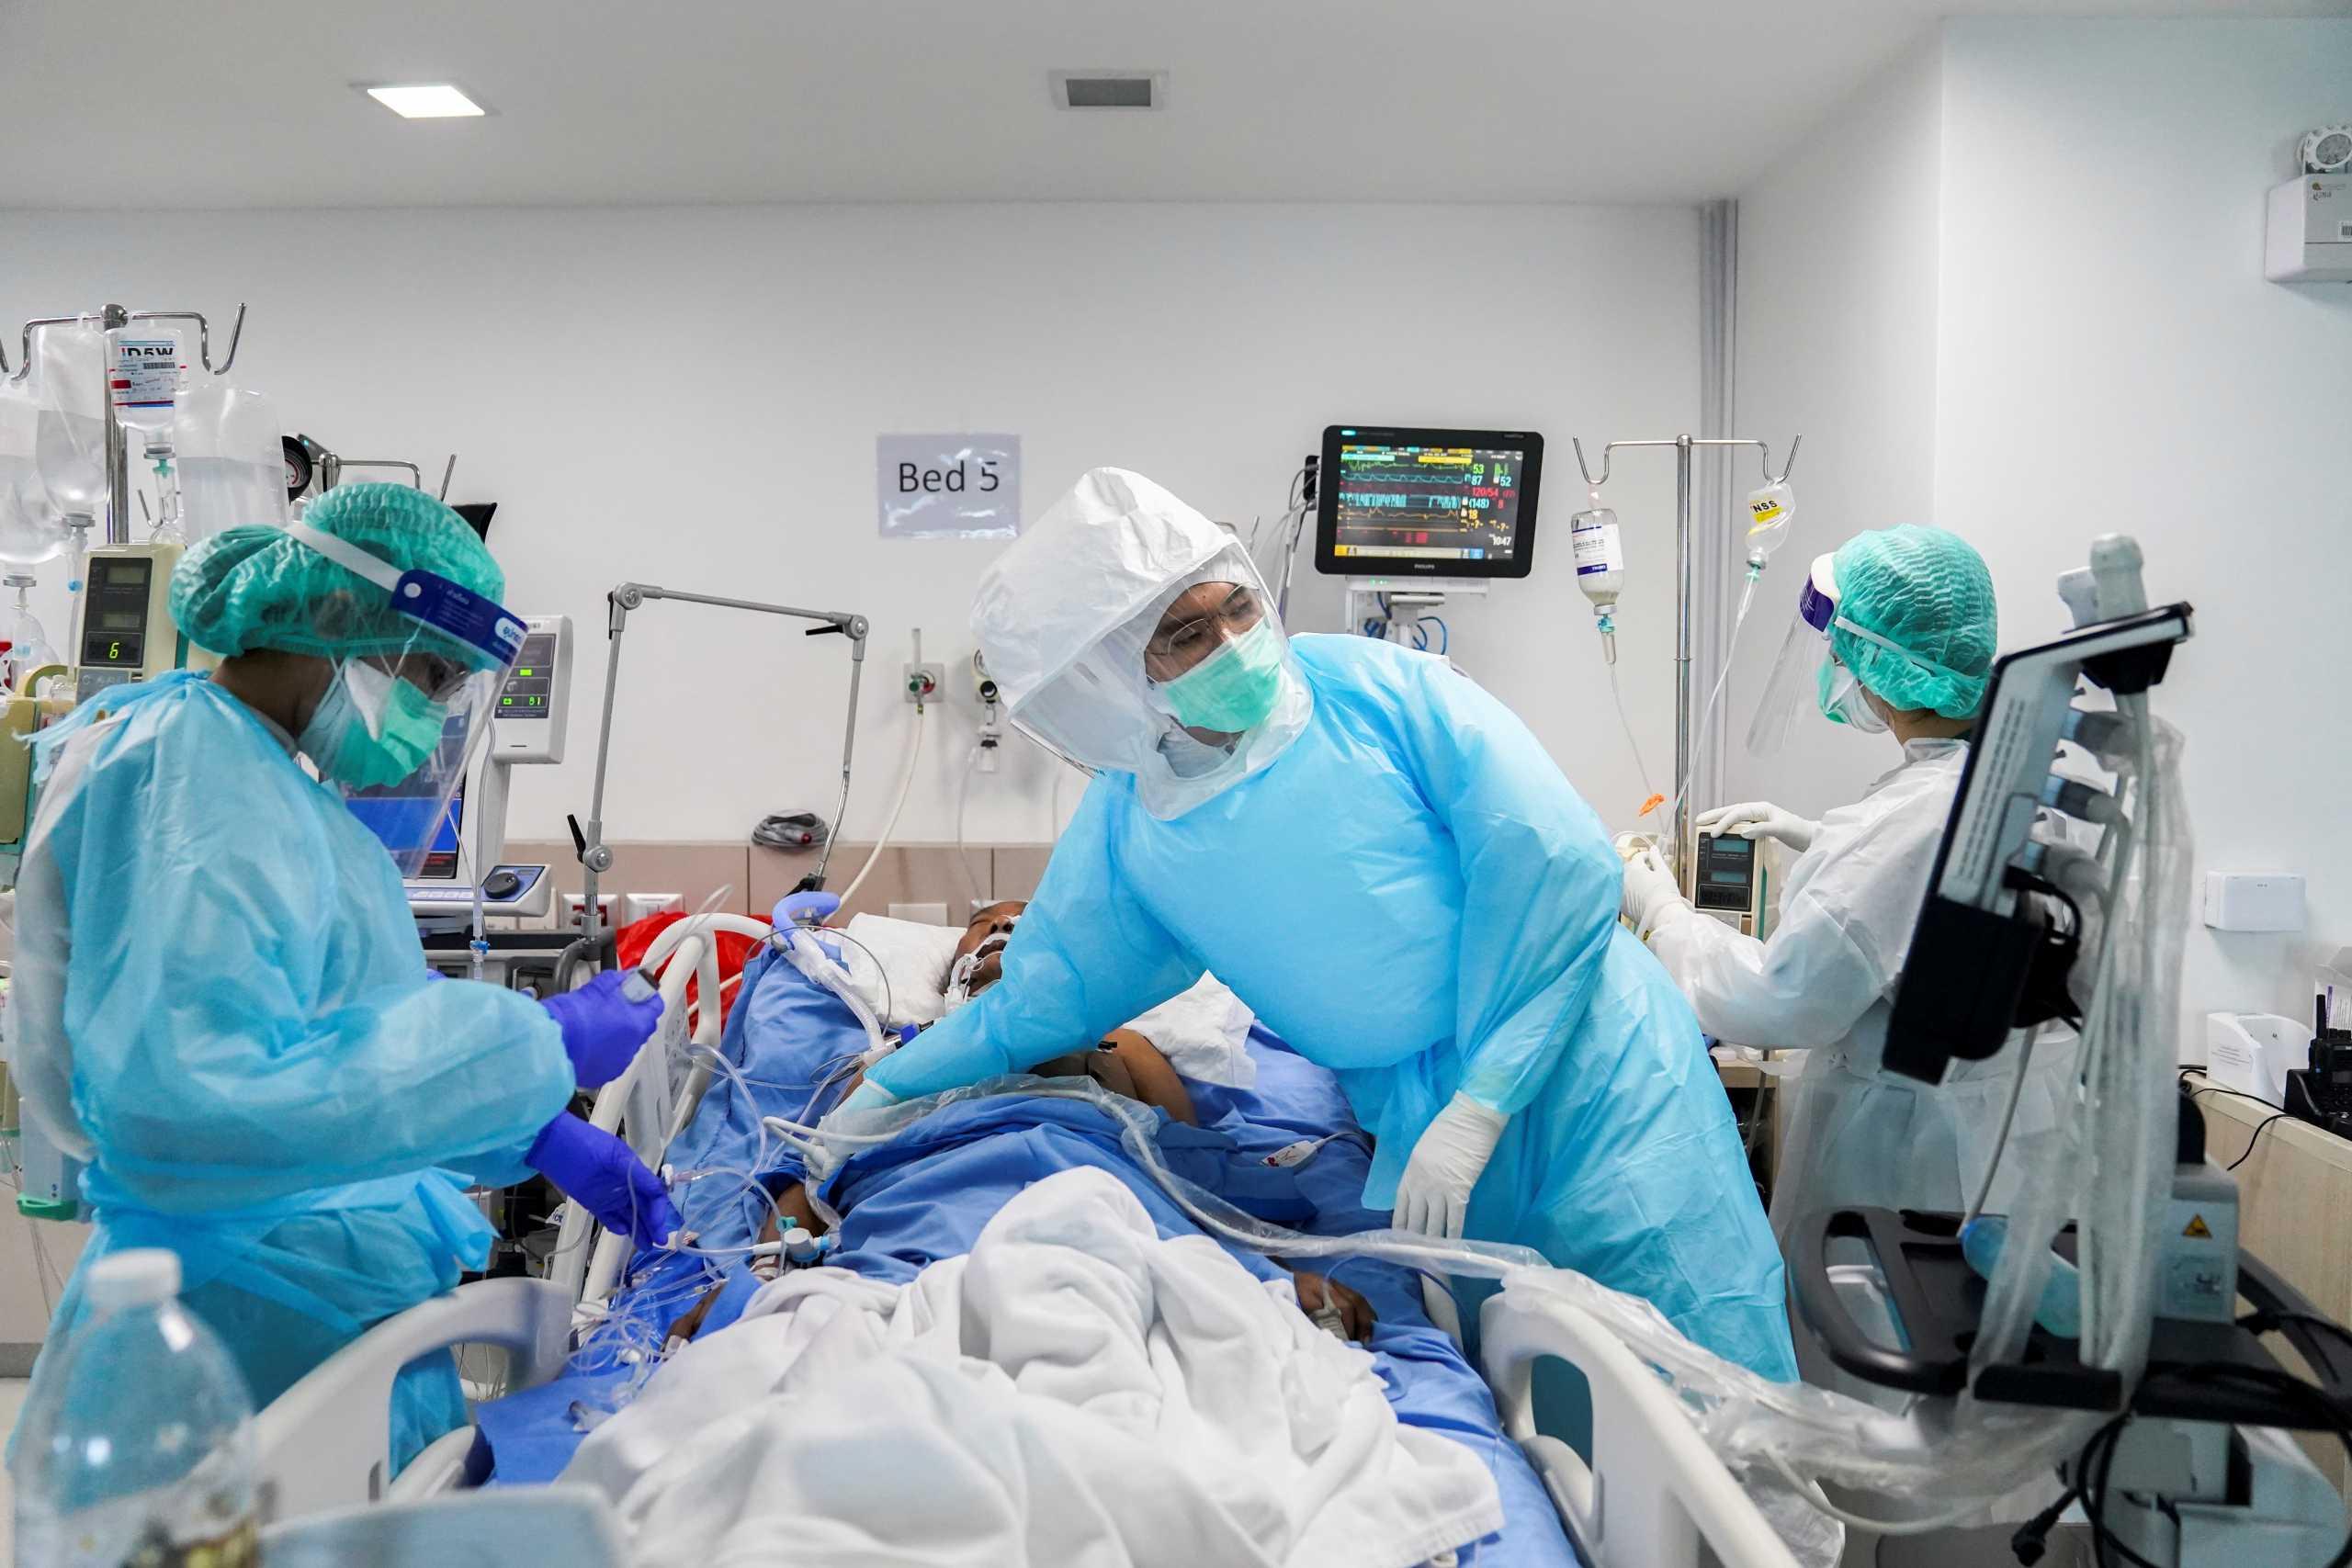 Κορονοϊός: Ανοσία μετά τη νόσηση – Πόσο διαρκούν τα αντισώματα